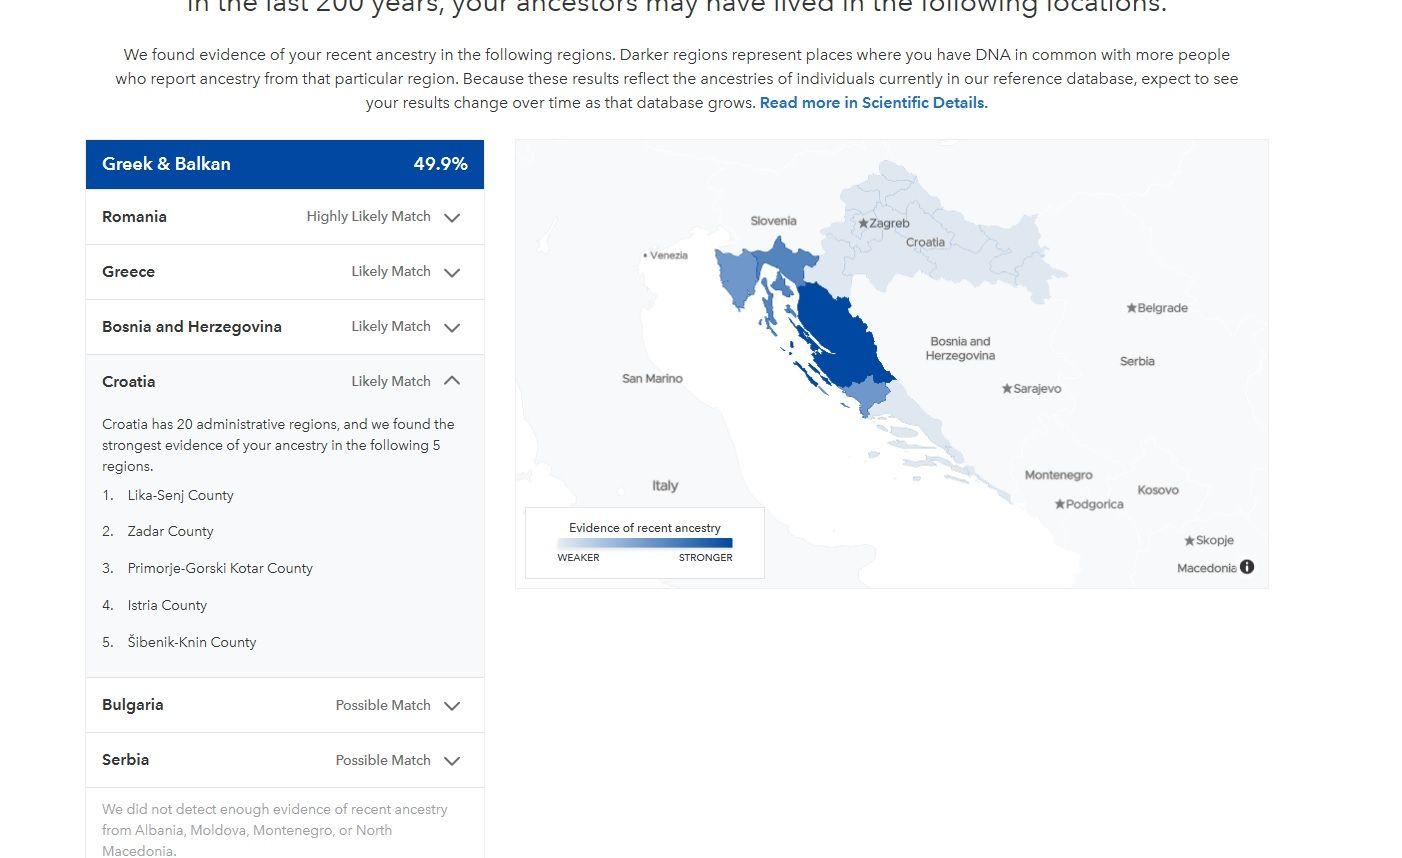 BalkanCroatia.jpg